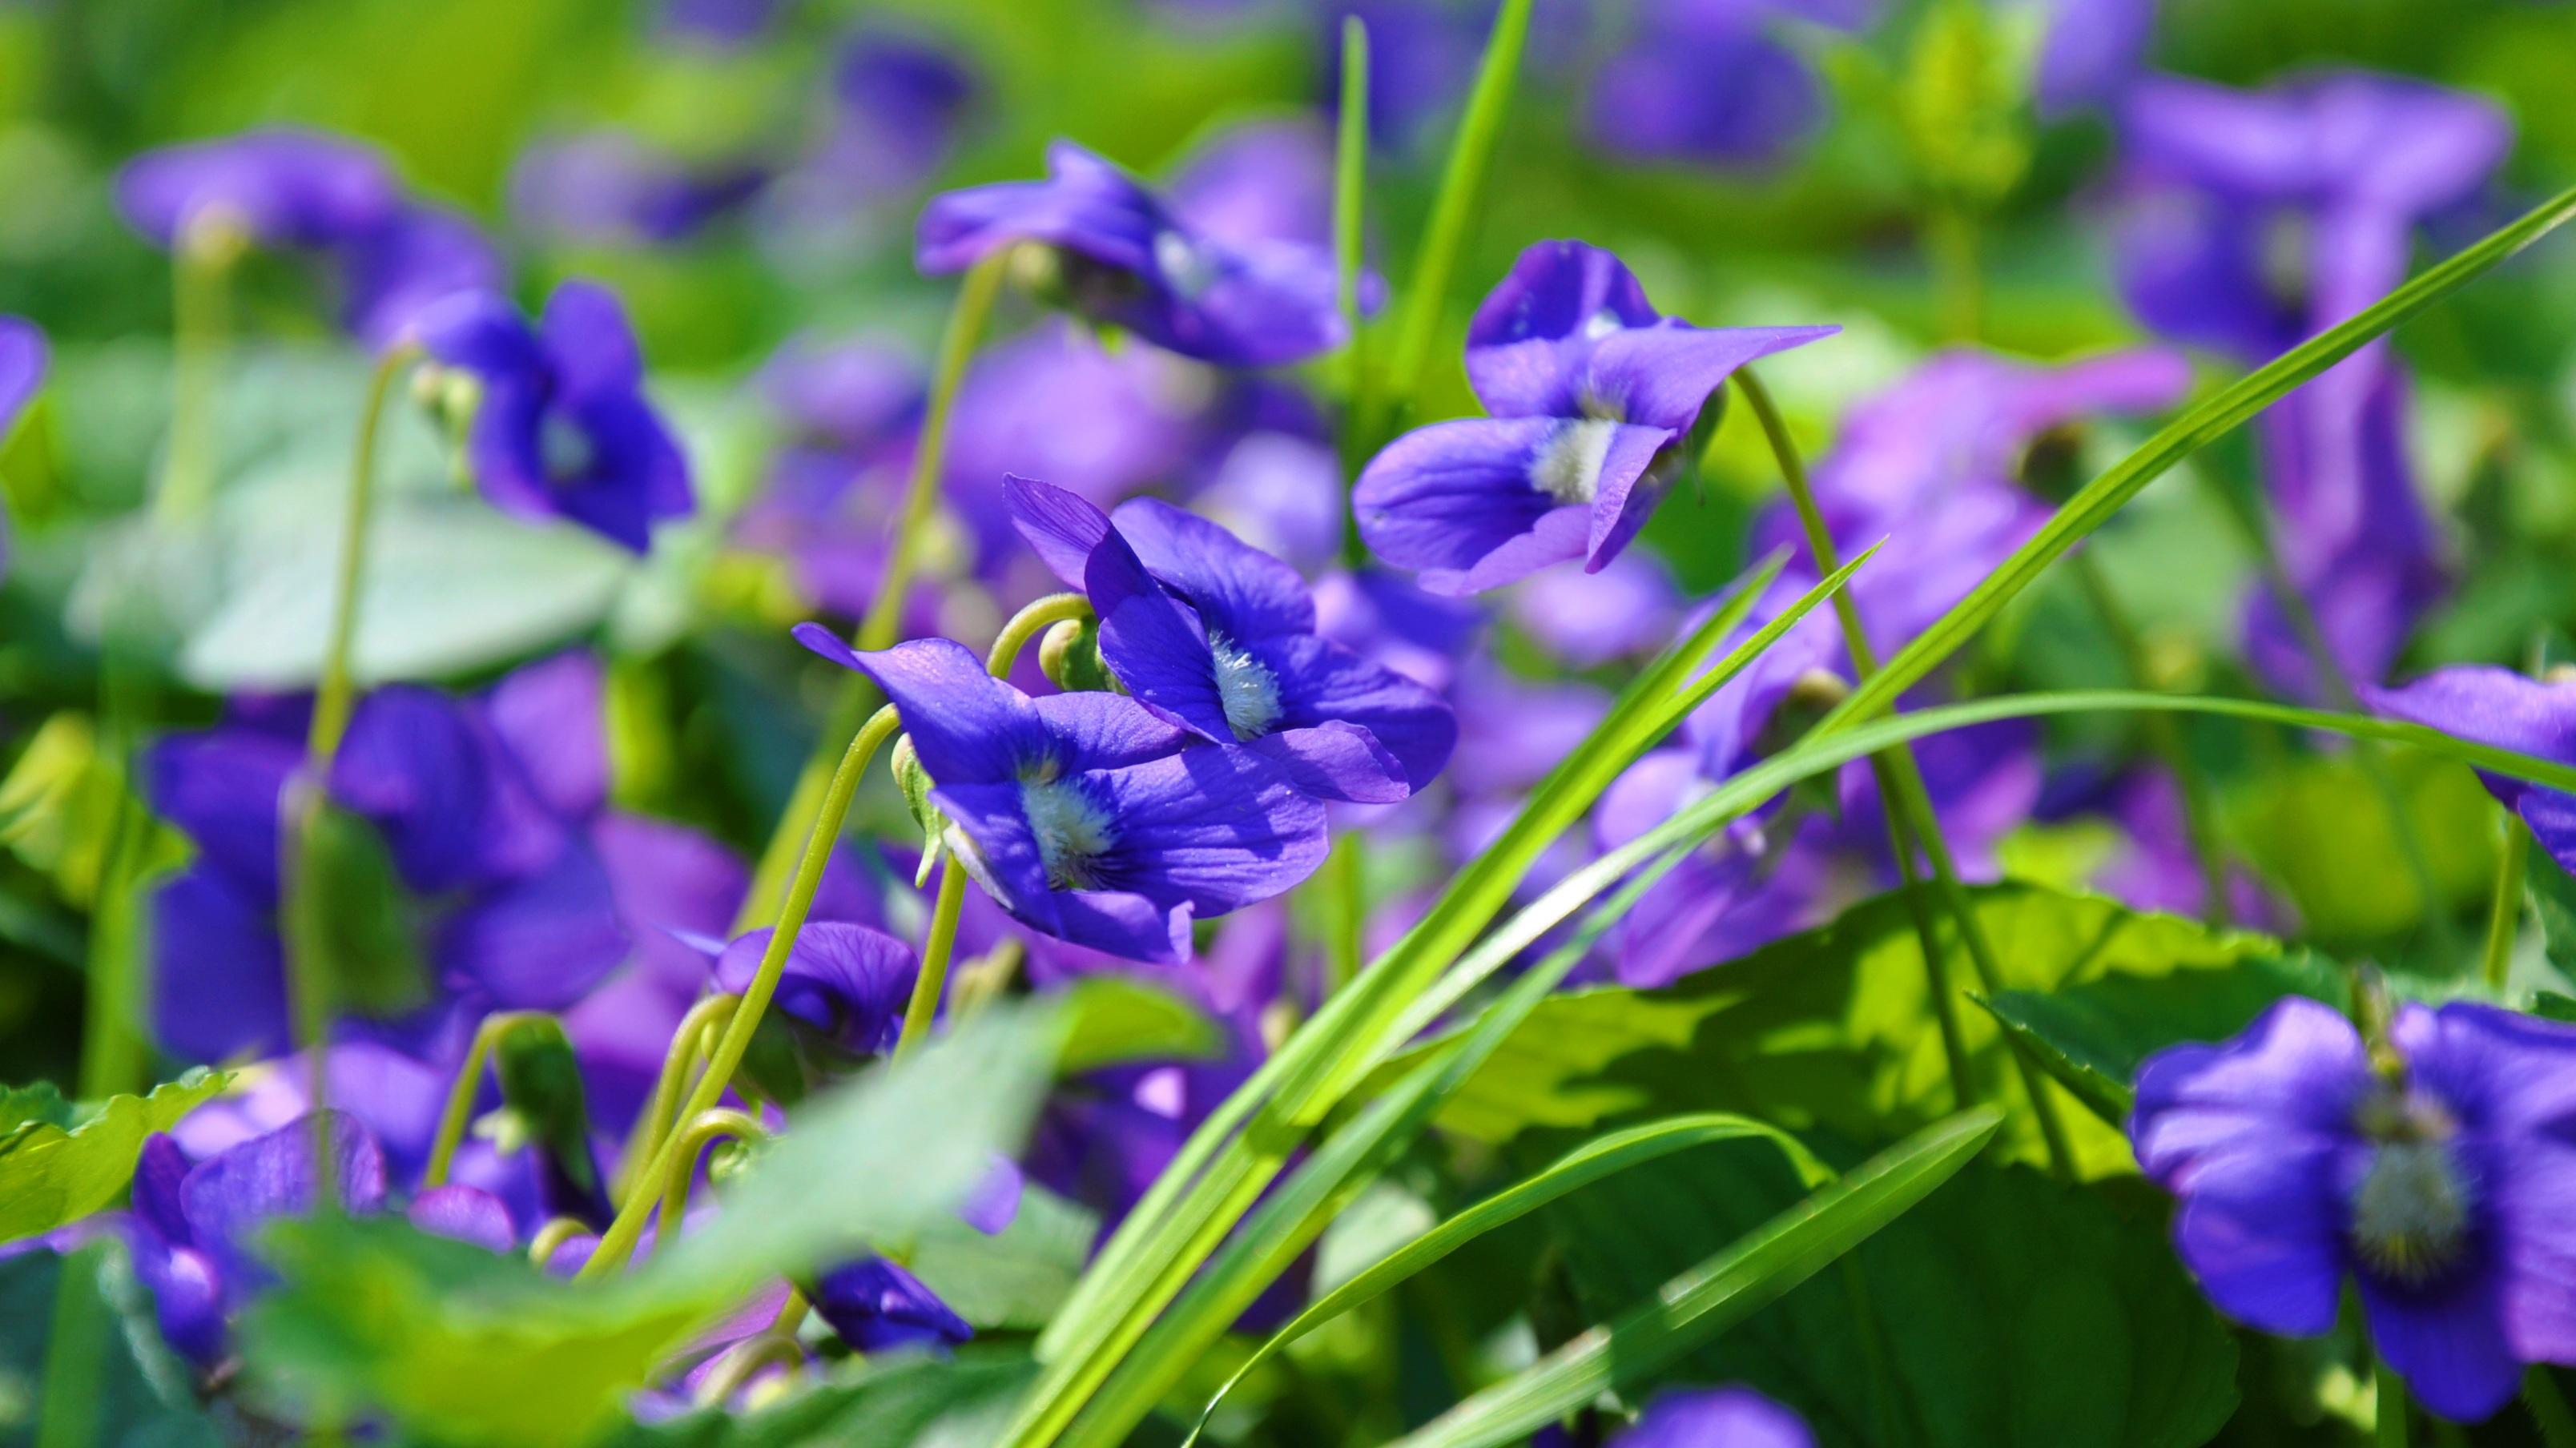 Images gratuites la nature fleur champ prairie printemps botanique flore fleur sauvage - Image fleur violette gratuite ...